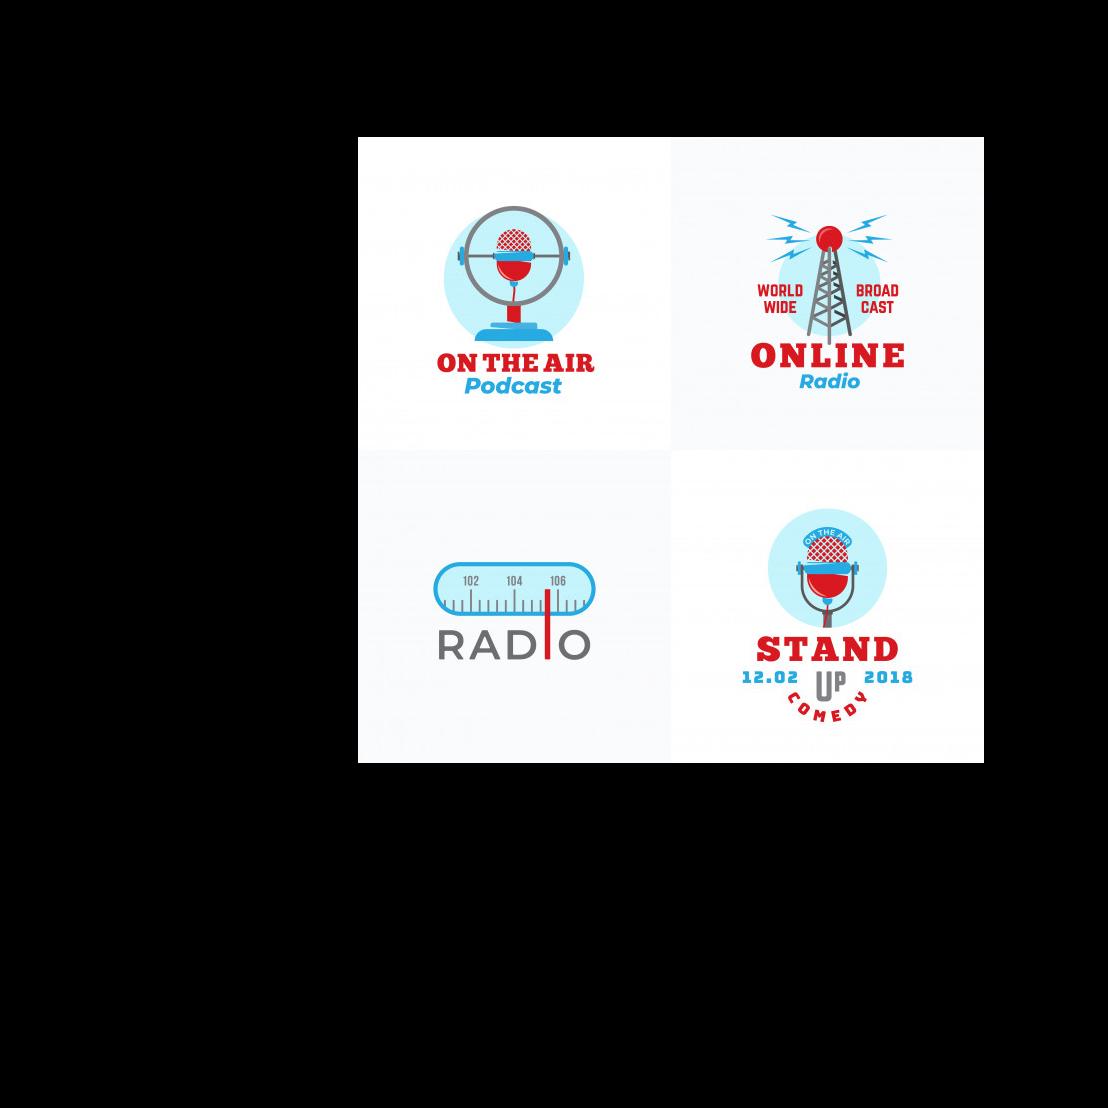 radio antenna vadue